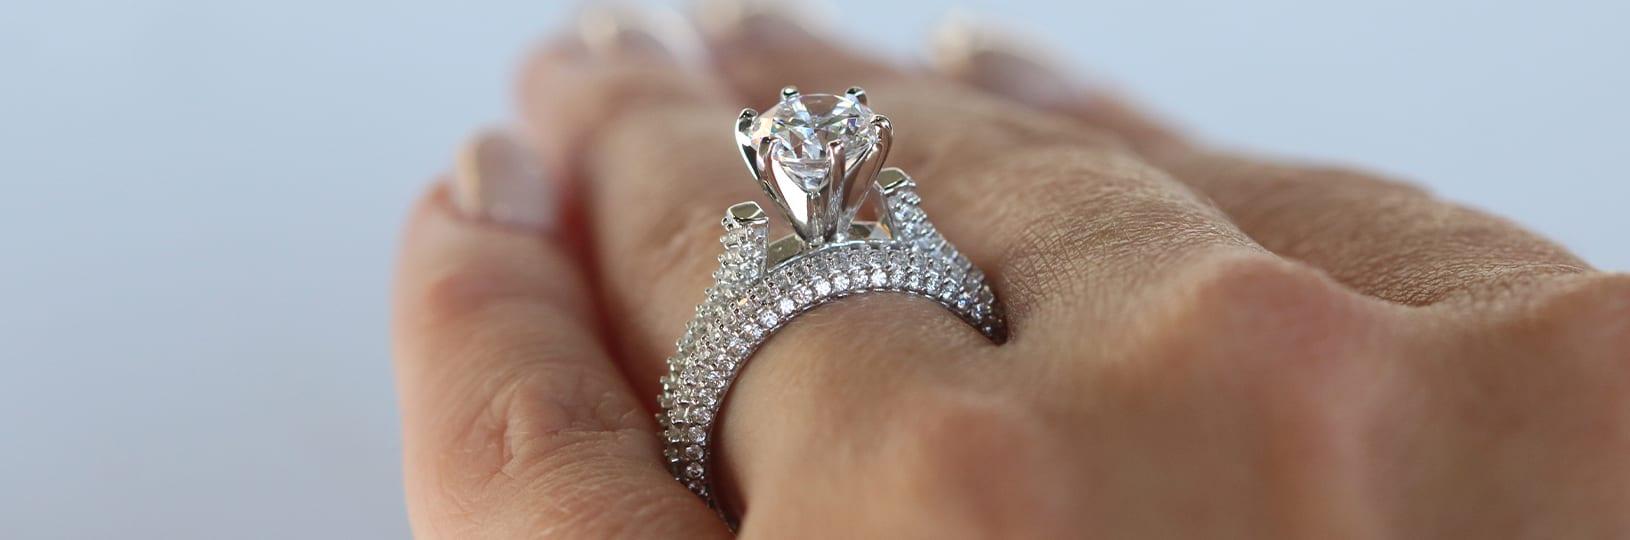 pavé diamond ring setting